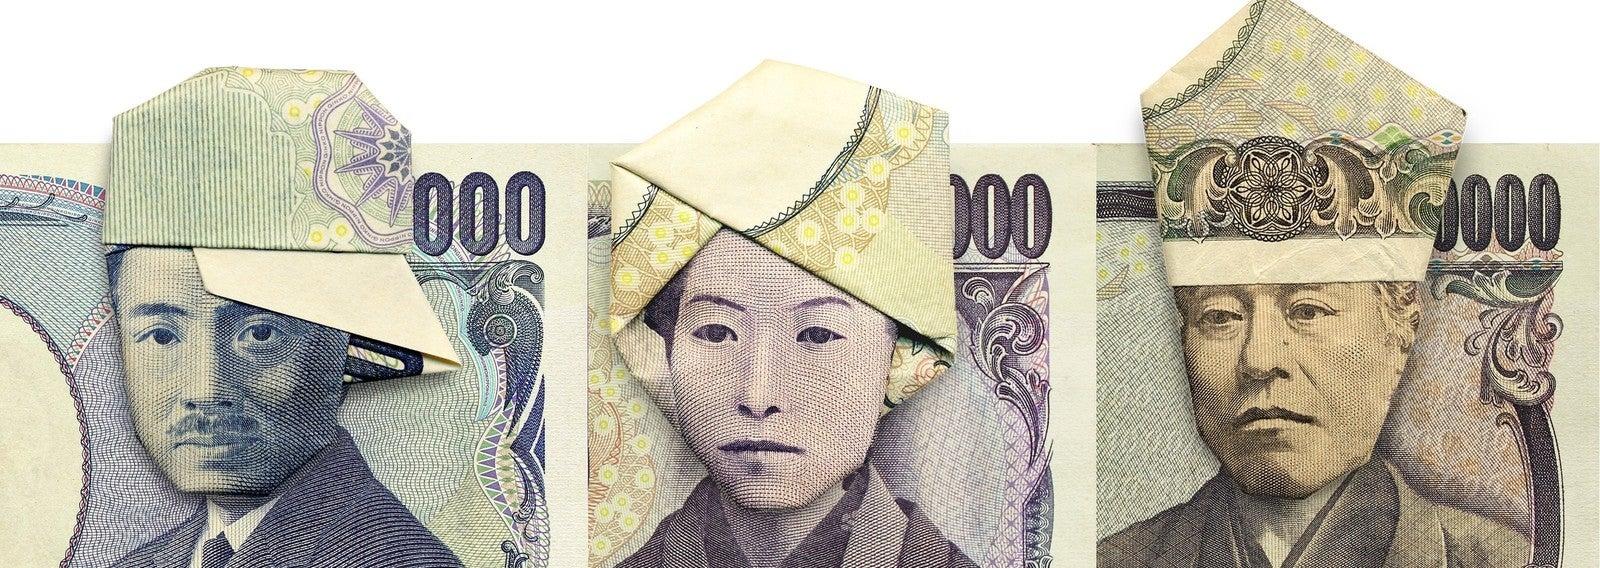 円 札 方 1000 折り お年玉袋への入れ方は?三つ折りの折り方や複数枚のたたみ方は?